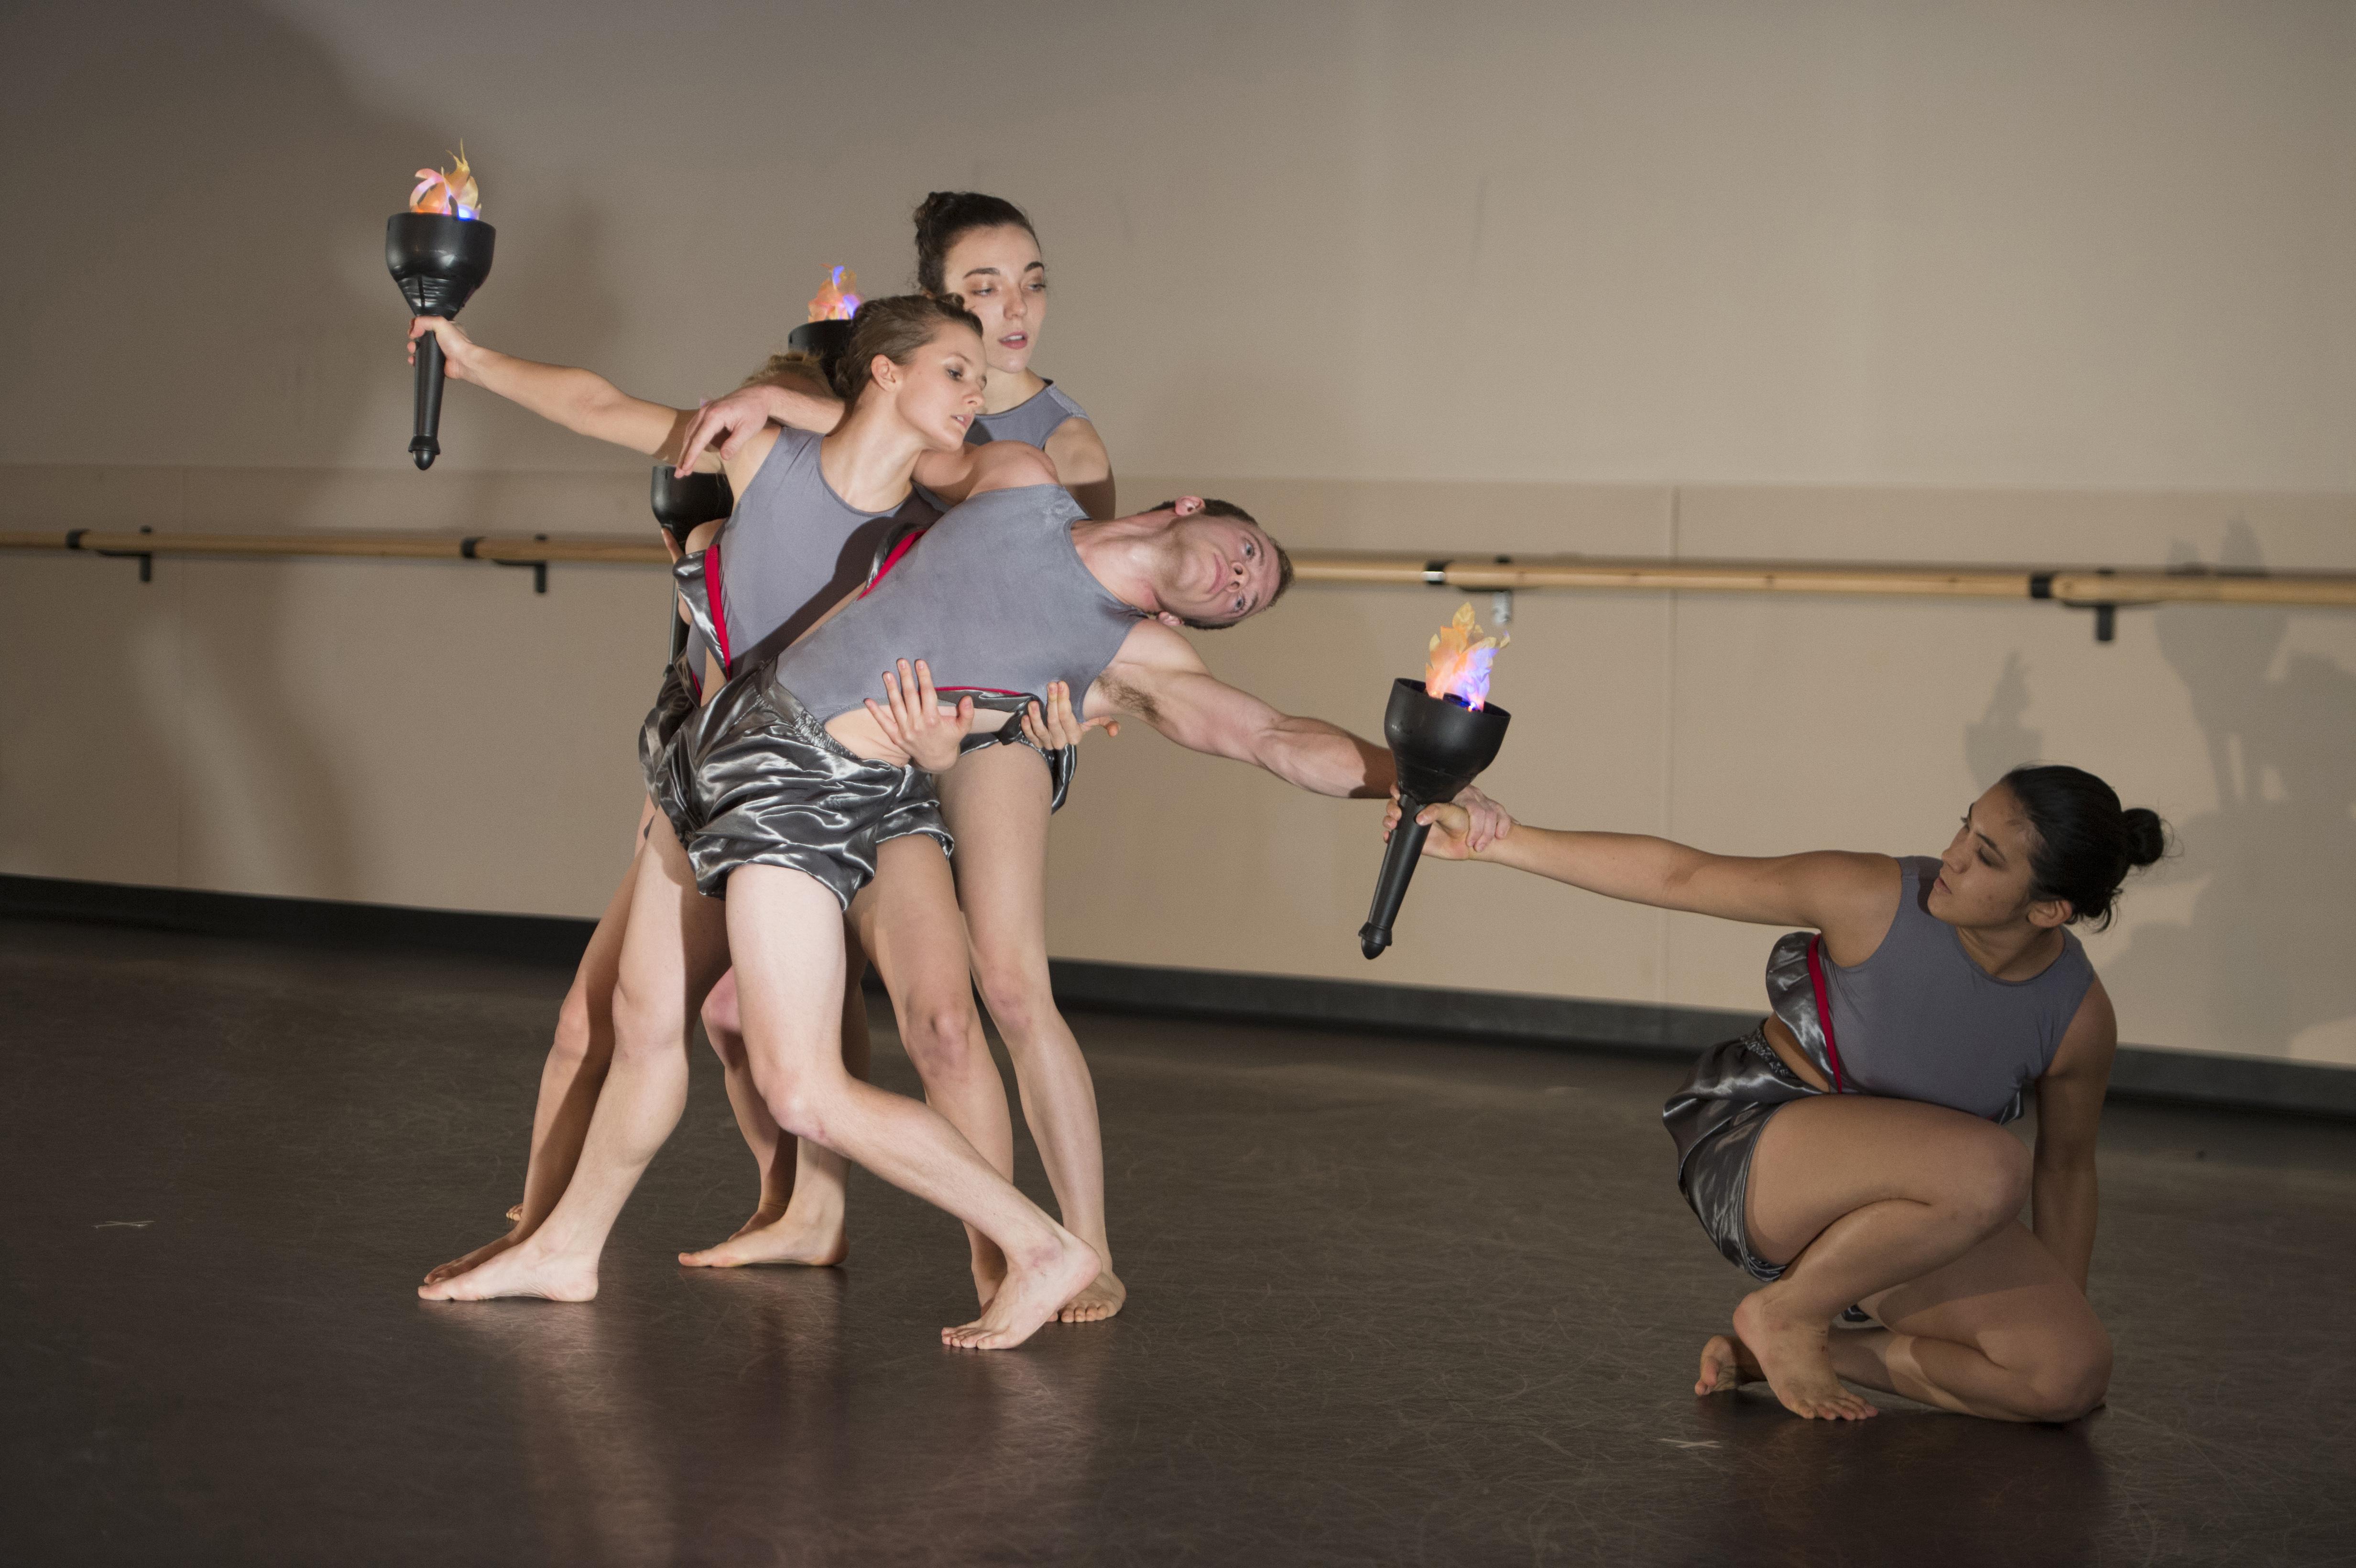 Pyromania rehearsal